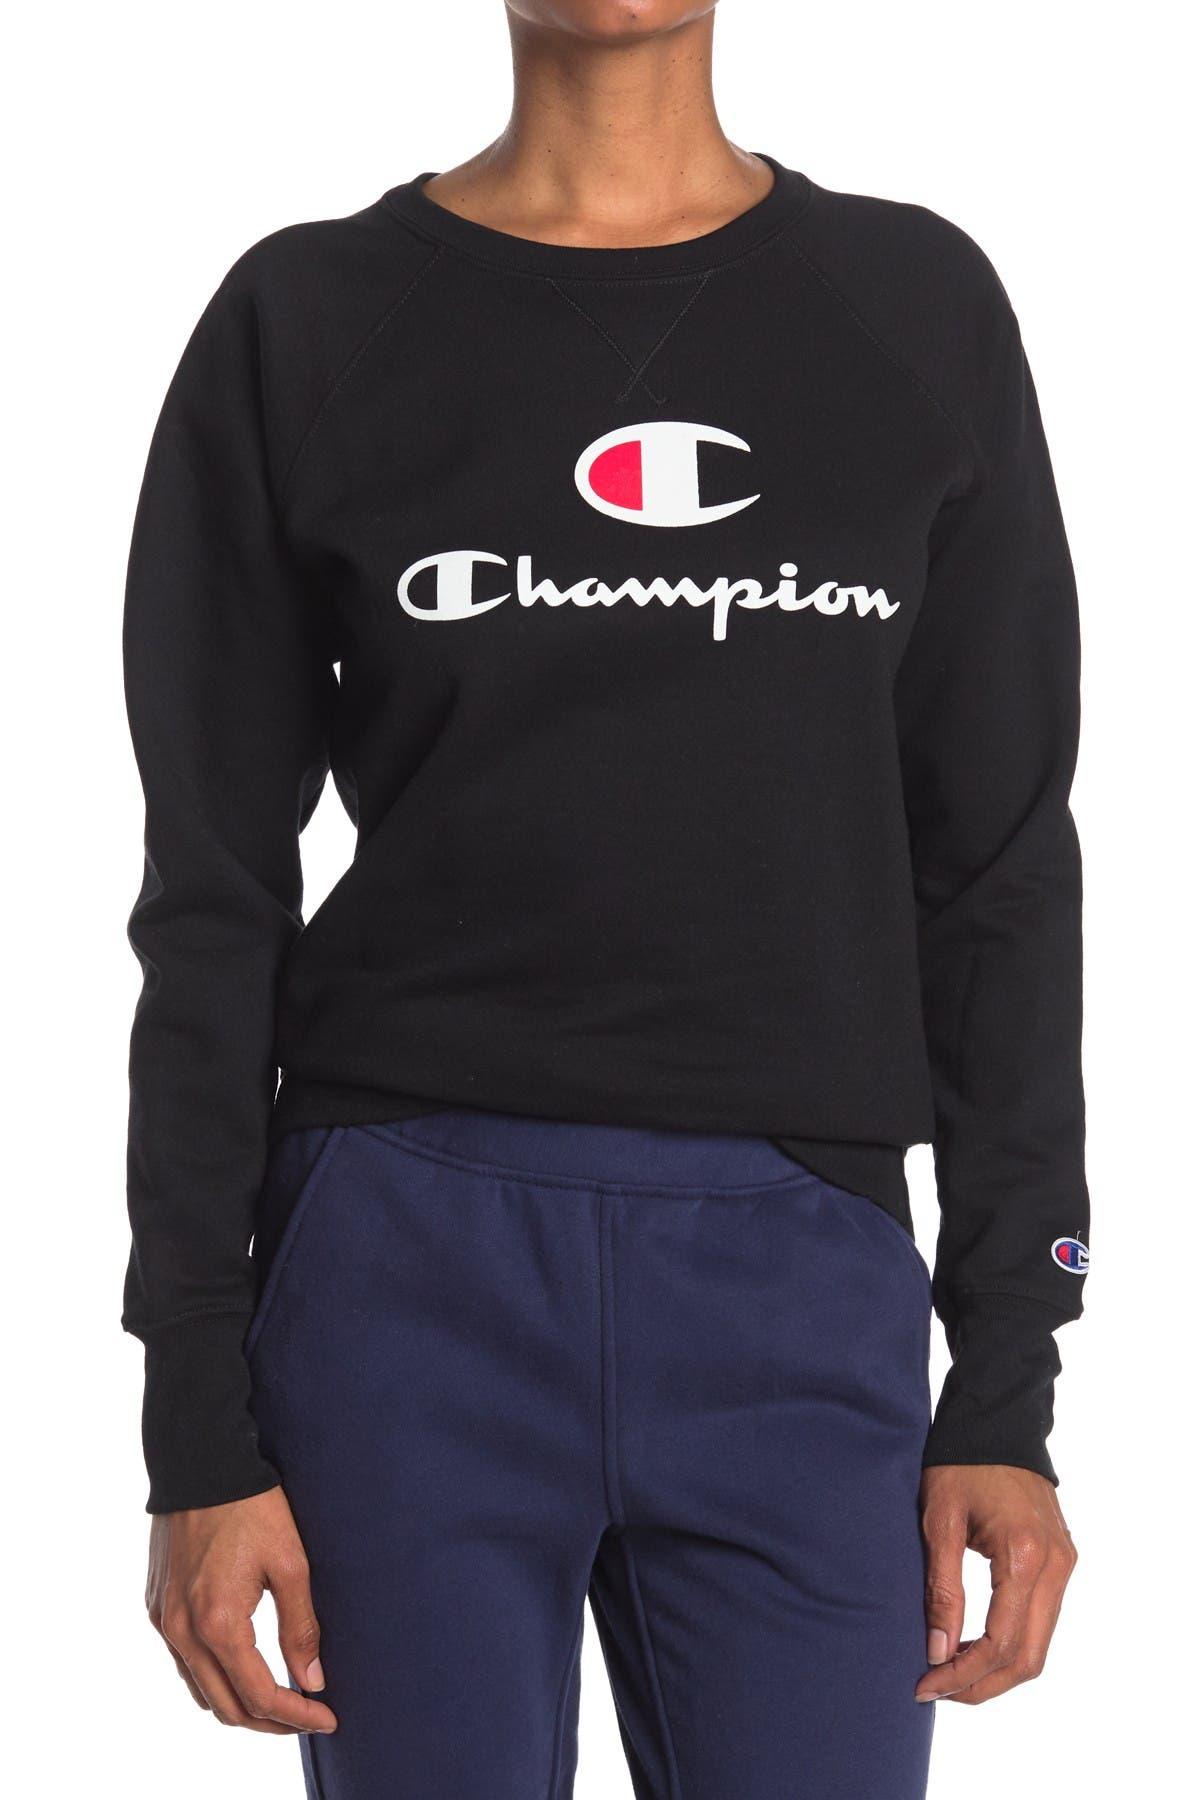 Image of Champion Powerblend Logo Raglan Sweatshirt